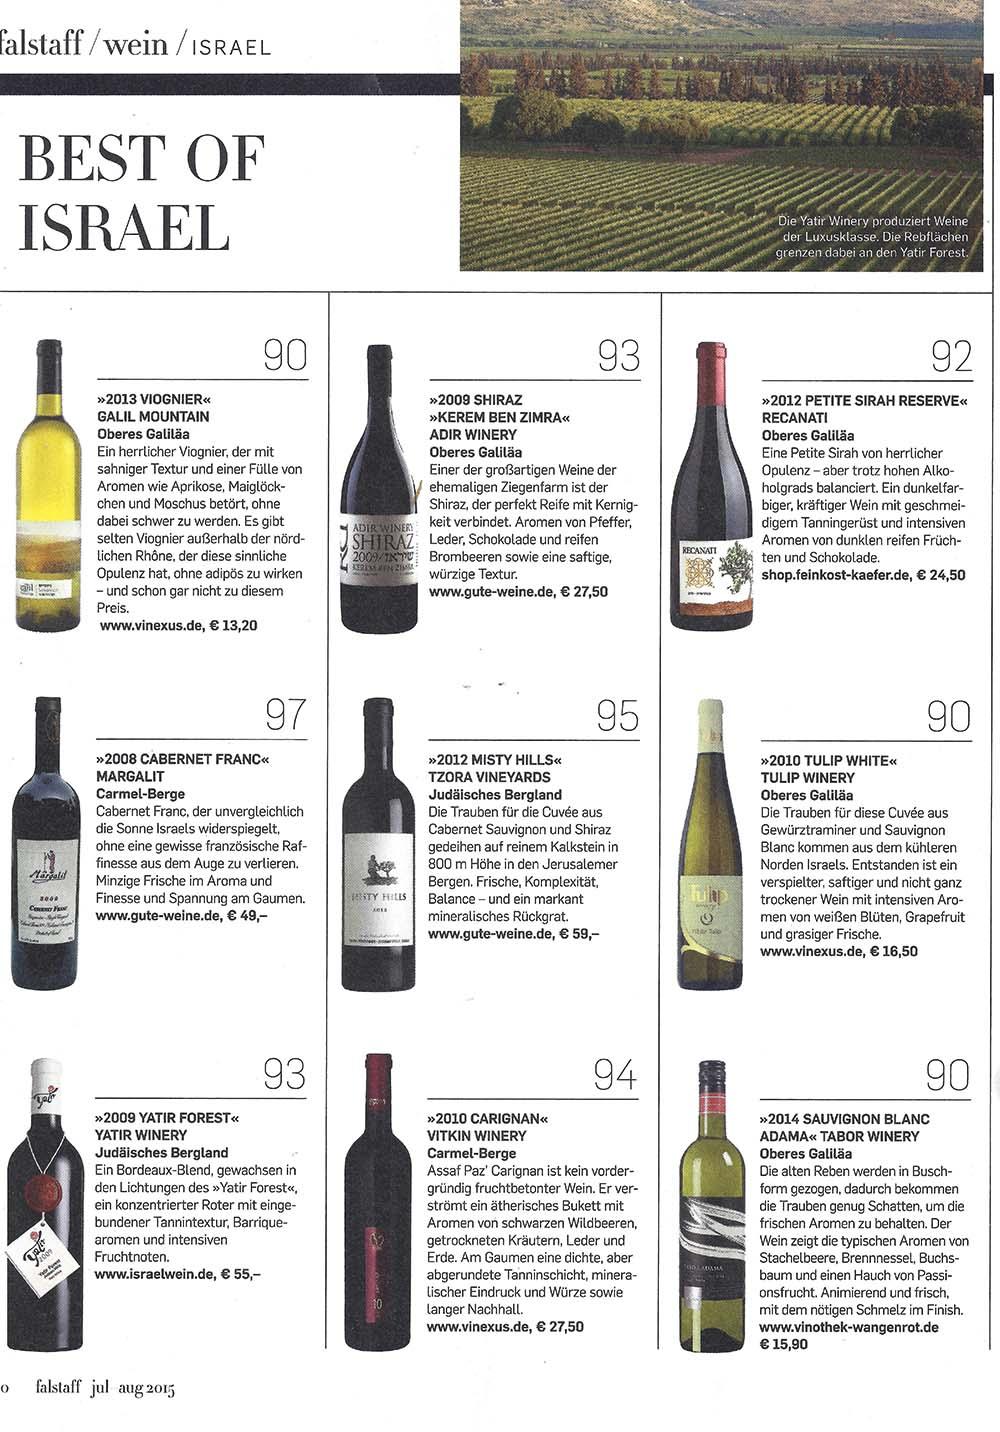 יינות ישראליים גרמניה